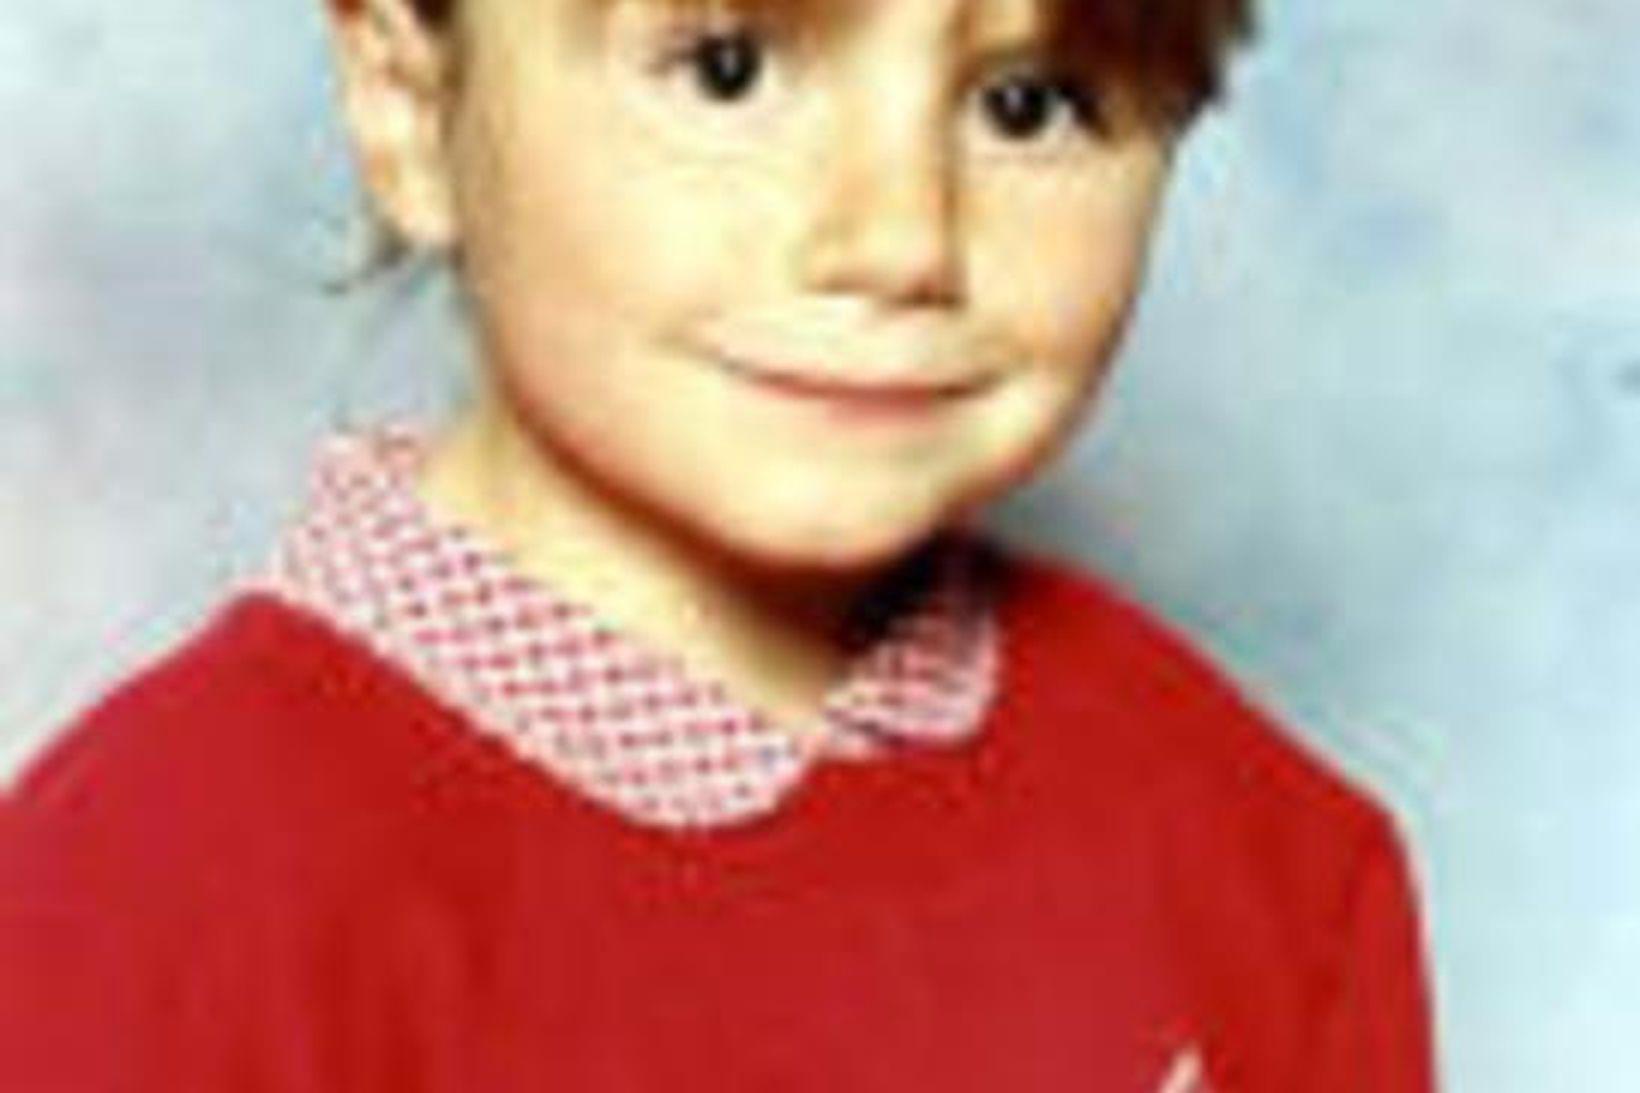 Sarah Payne var aðeins 8 ára þegar hún var myrt …